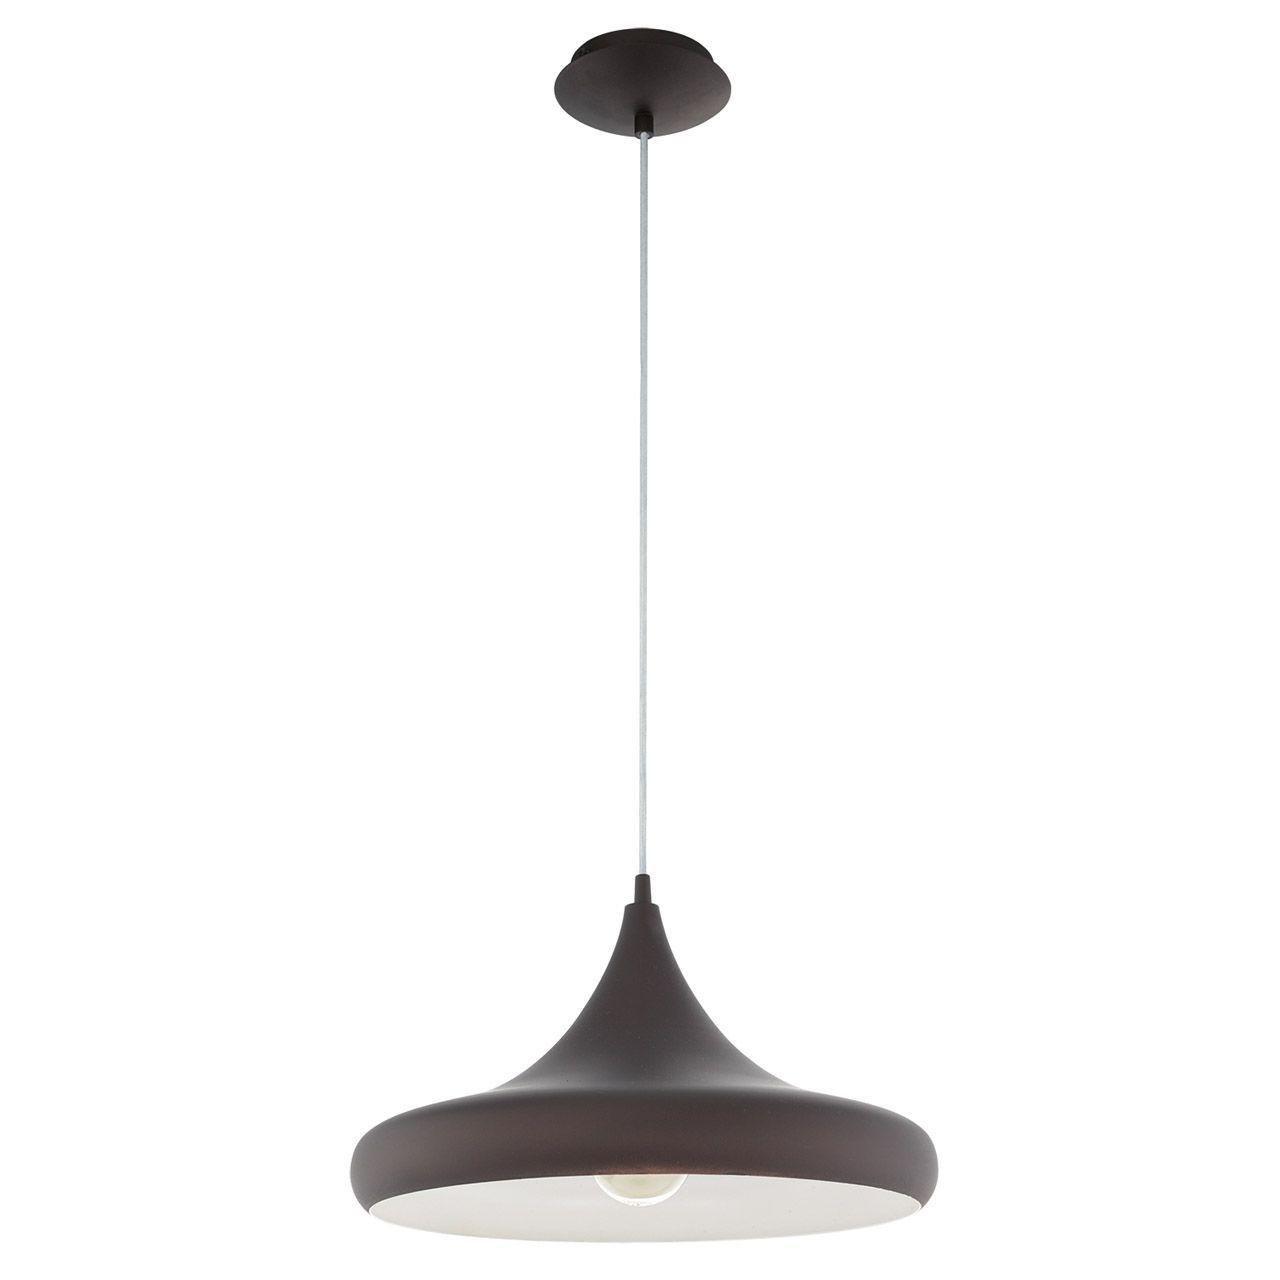 Купить Подвесной светильник Eglo Coretto в интернет магазине дизайнерской мебели и аксессуаров для дома и дачи